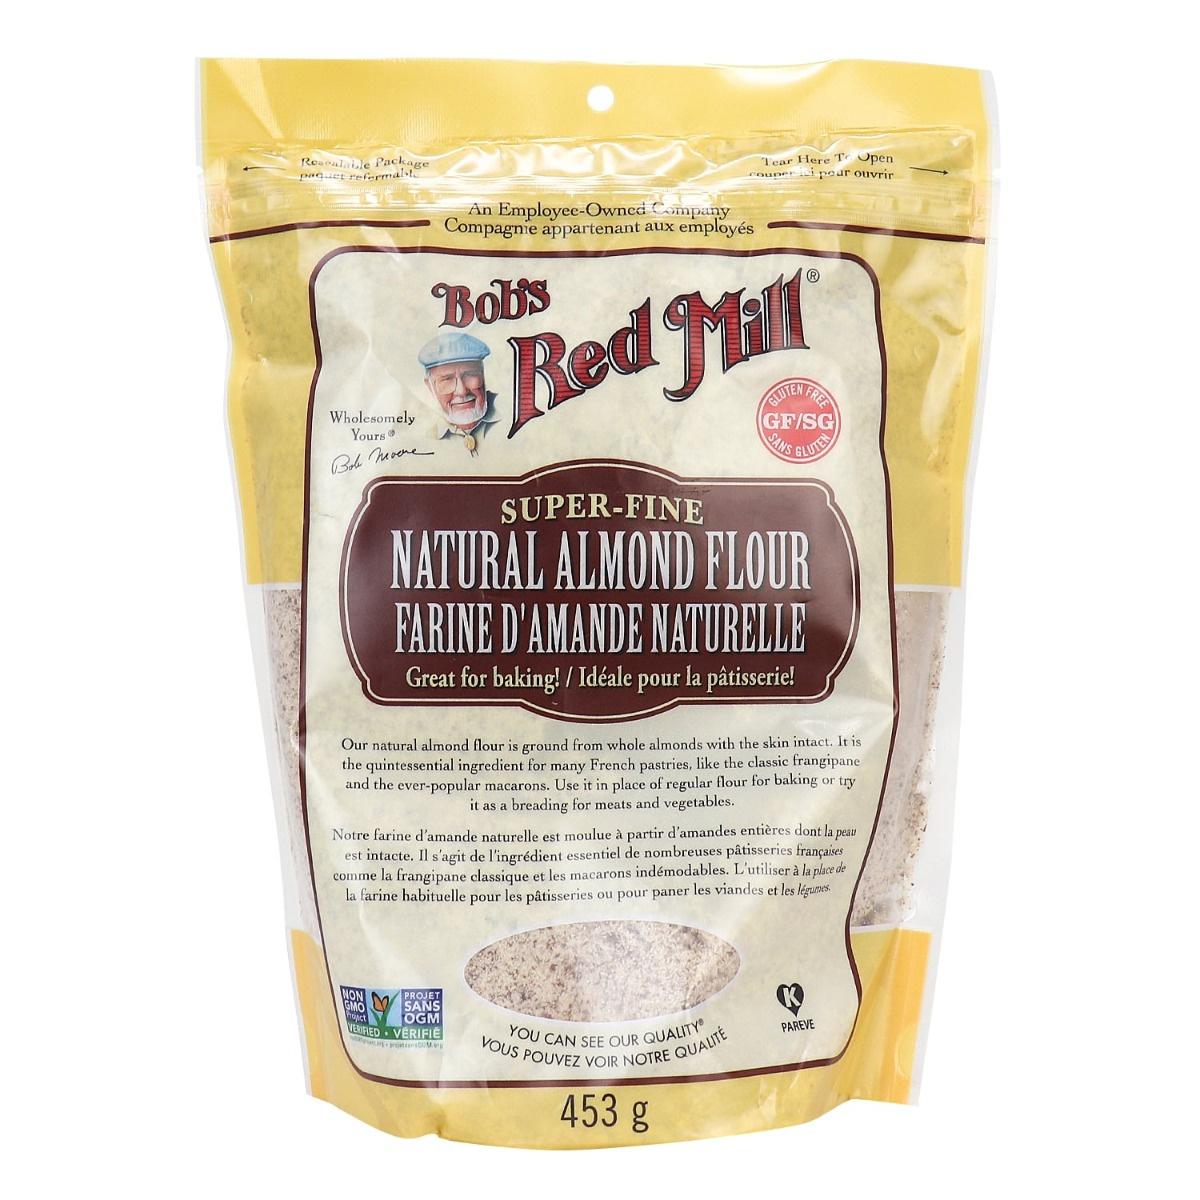 Bob's Red Mill Super Fine Natural Almond Flour in Canada